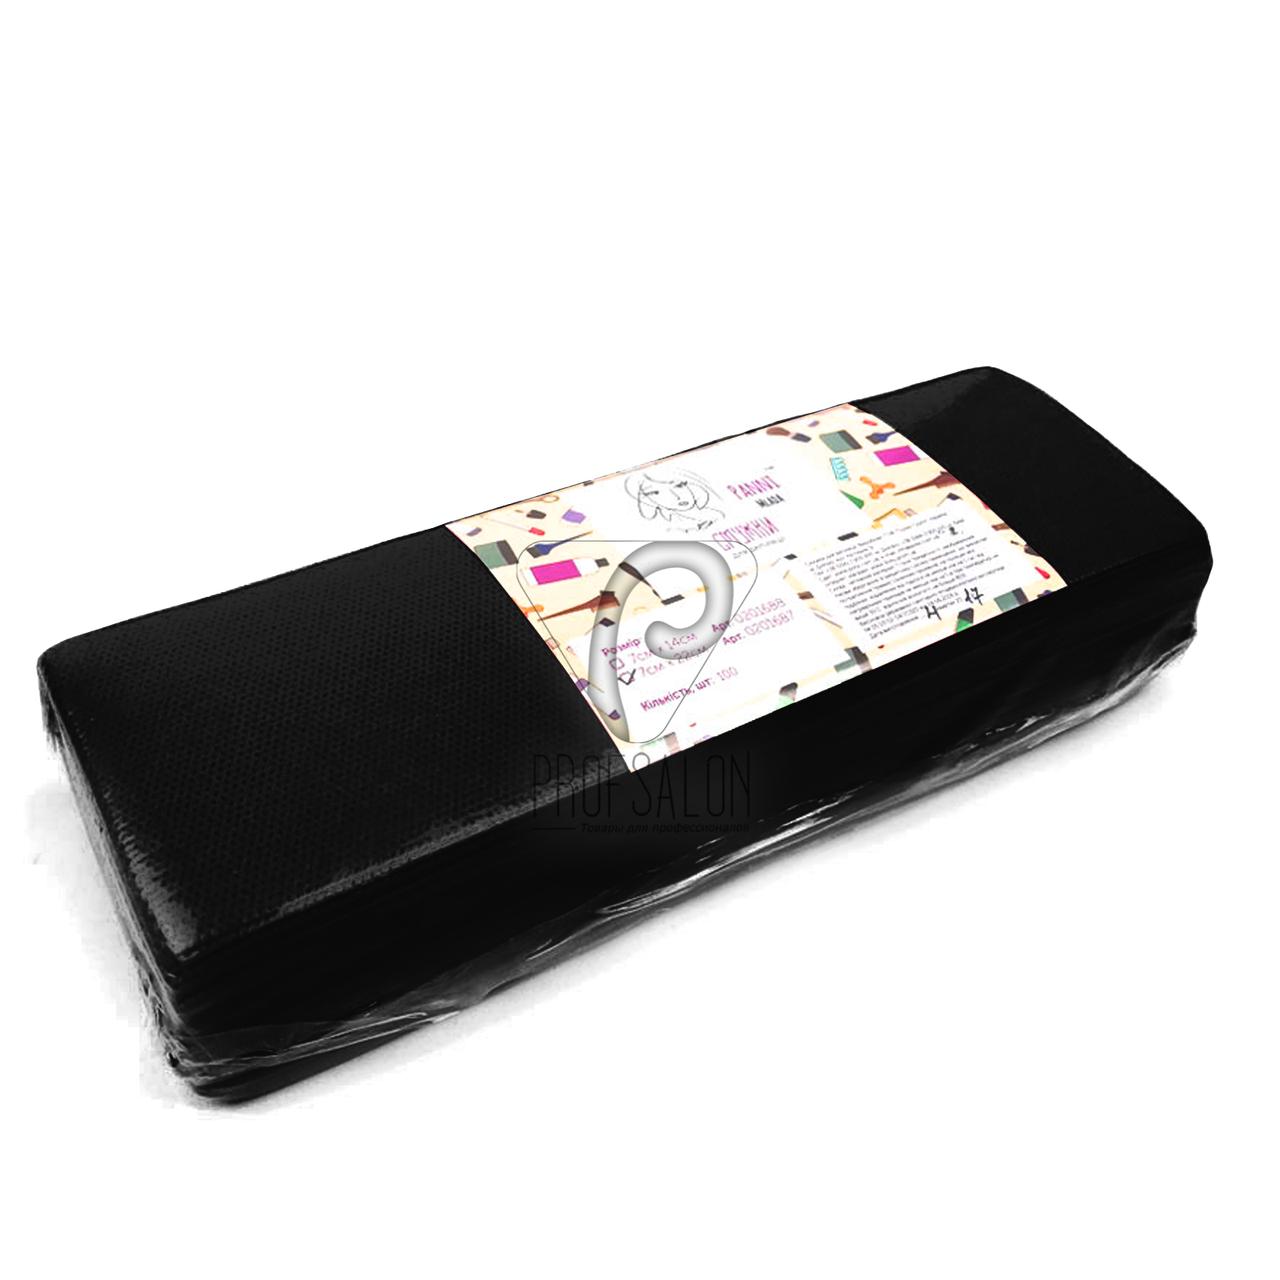 Полоски для депиляции, Panni Mlada 100 шт в упаковке, нетканые-спанбонд, черные